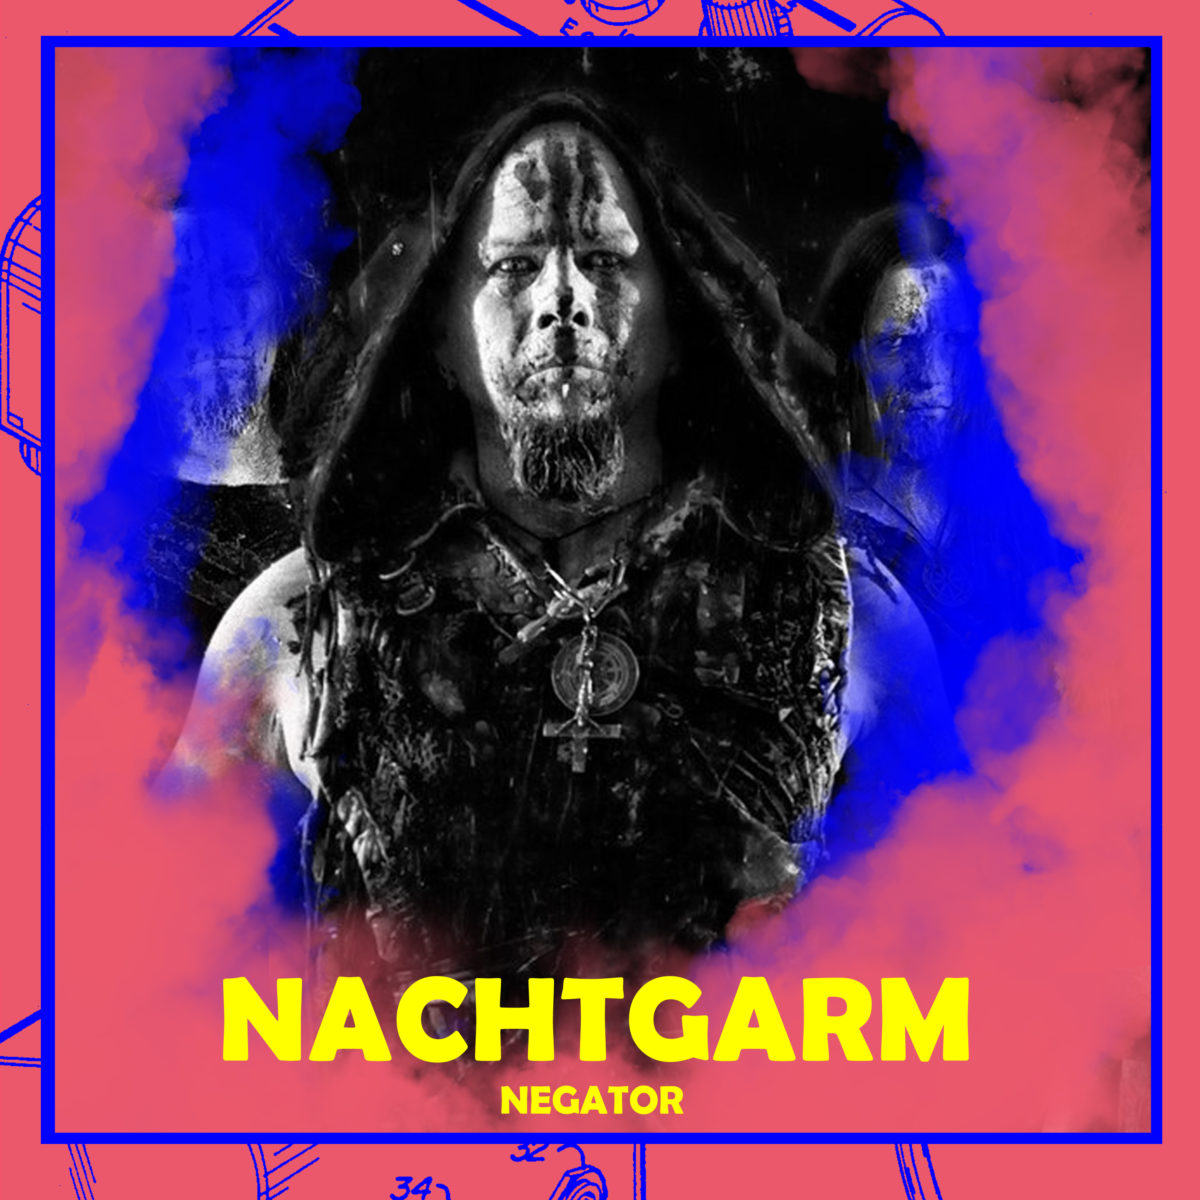 Nachtgarm (Negator)